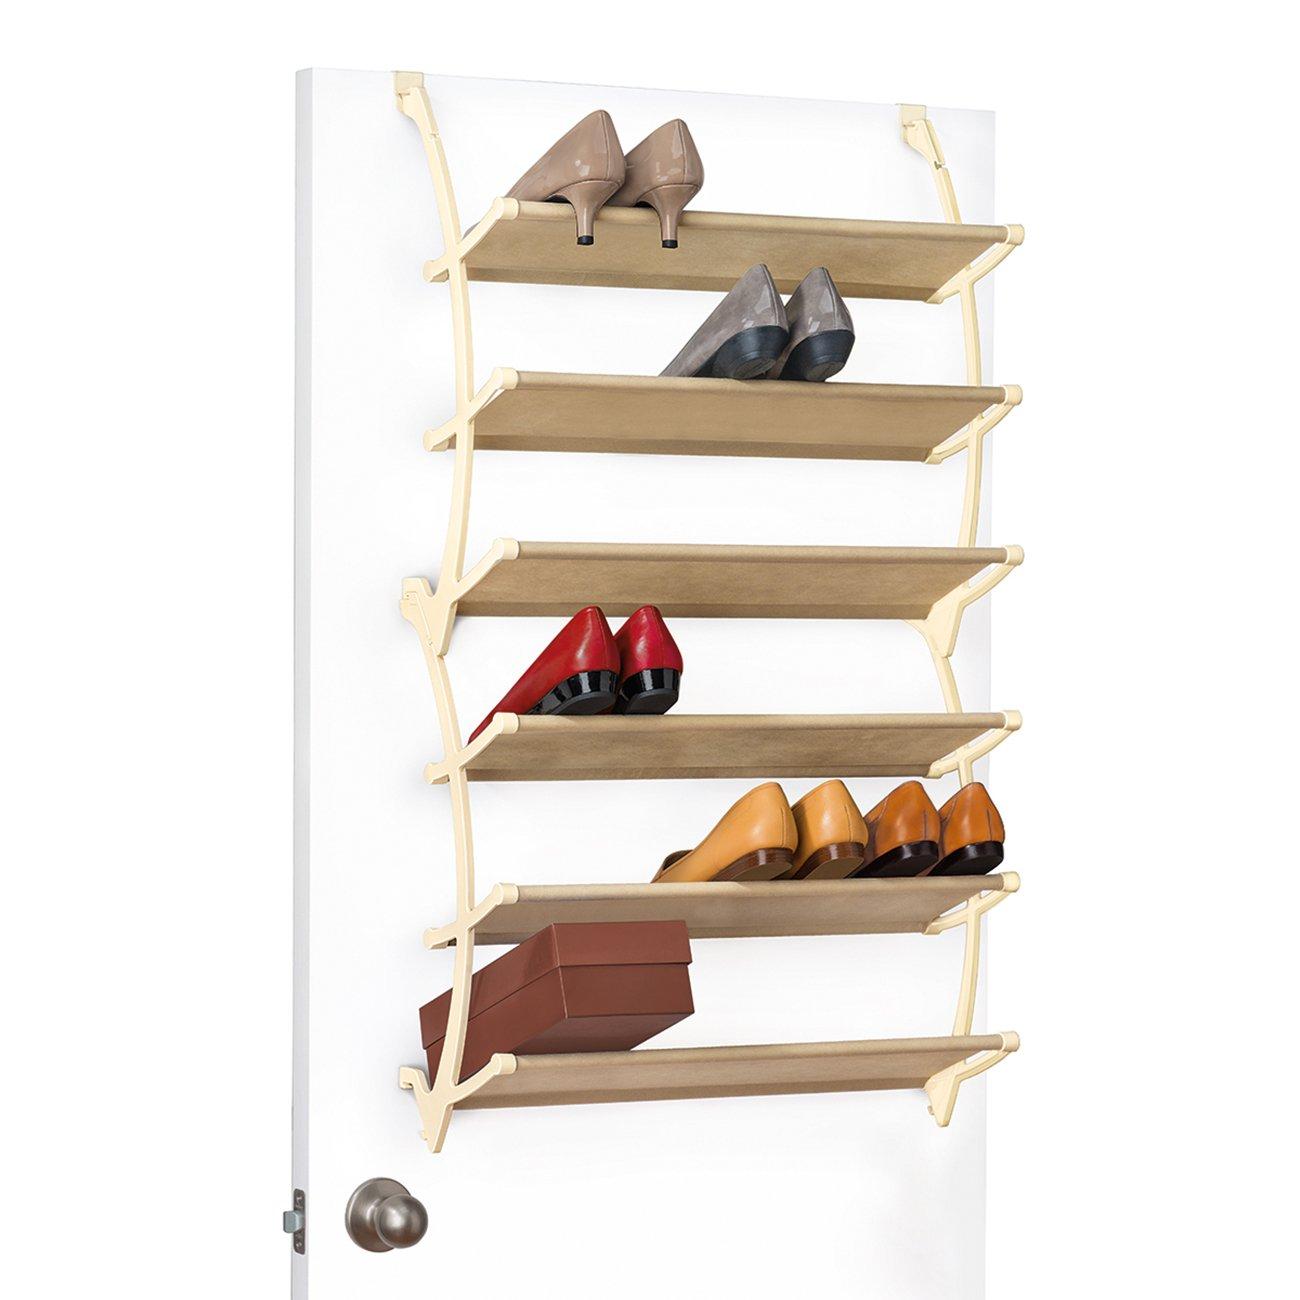 Amazon.com: Lynk Vela Over Door Shoe Shelves - Shoe Rack Shelf ...